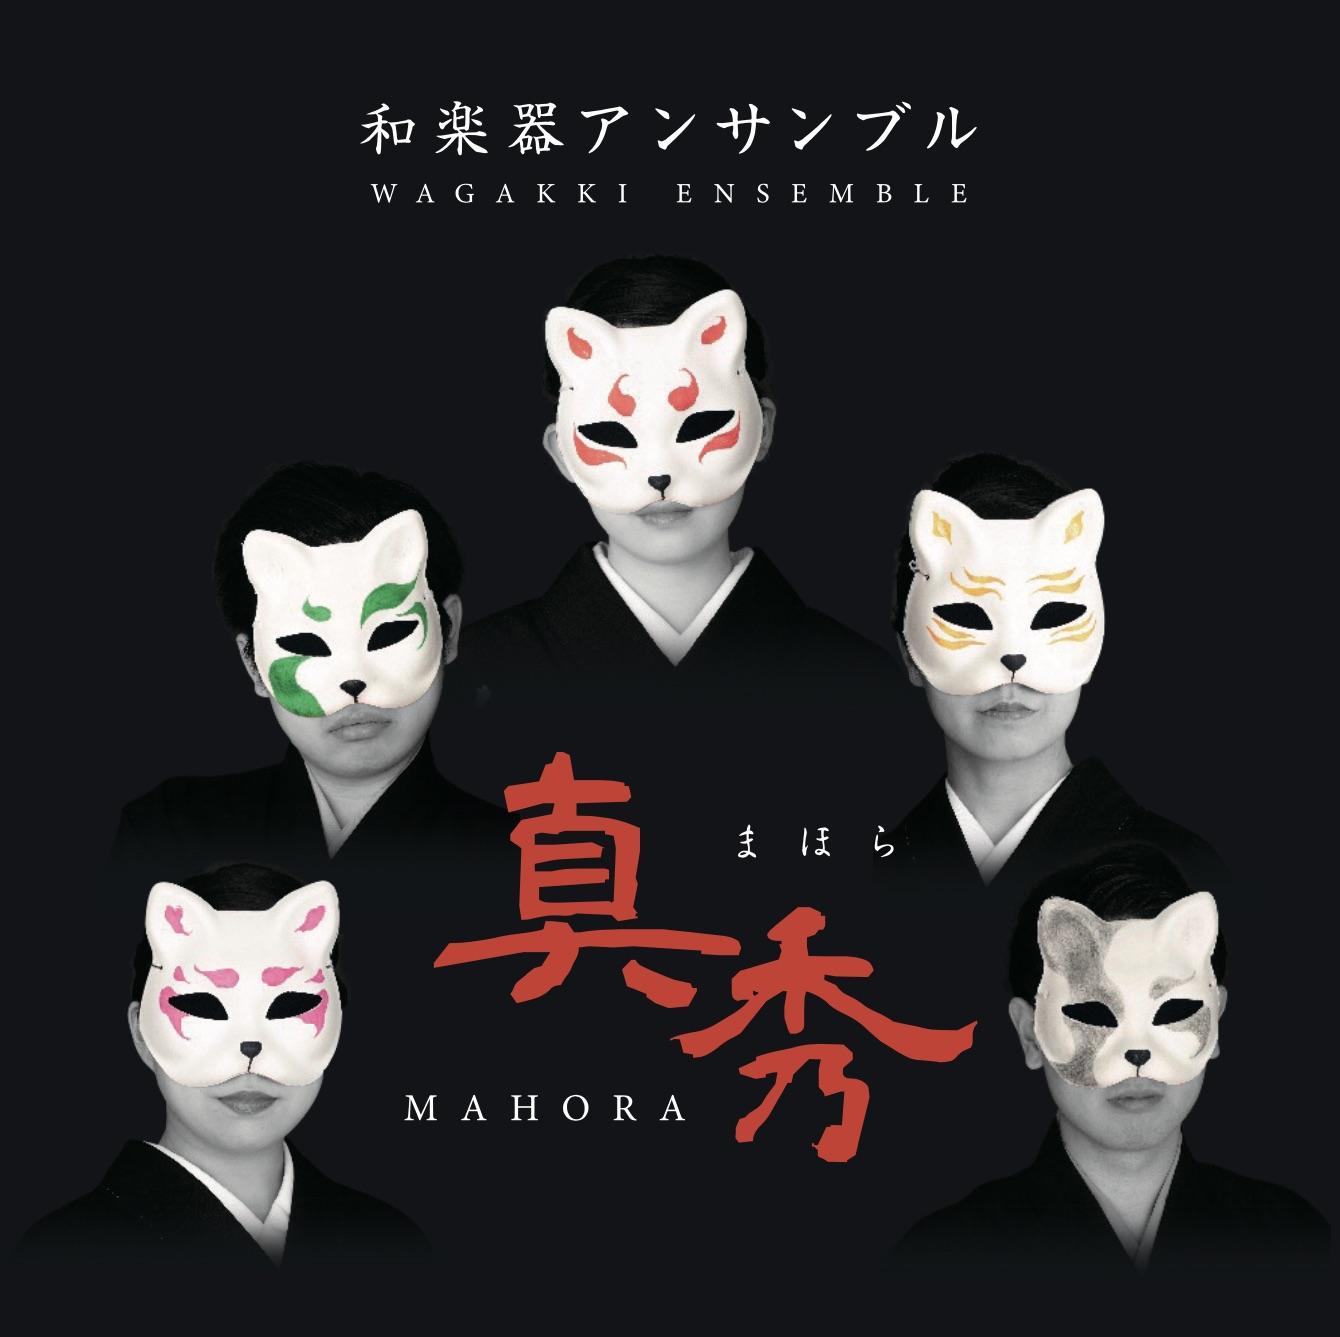 和楽器アンサンブル 真秀 MAHORA[31031]